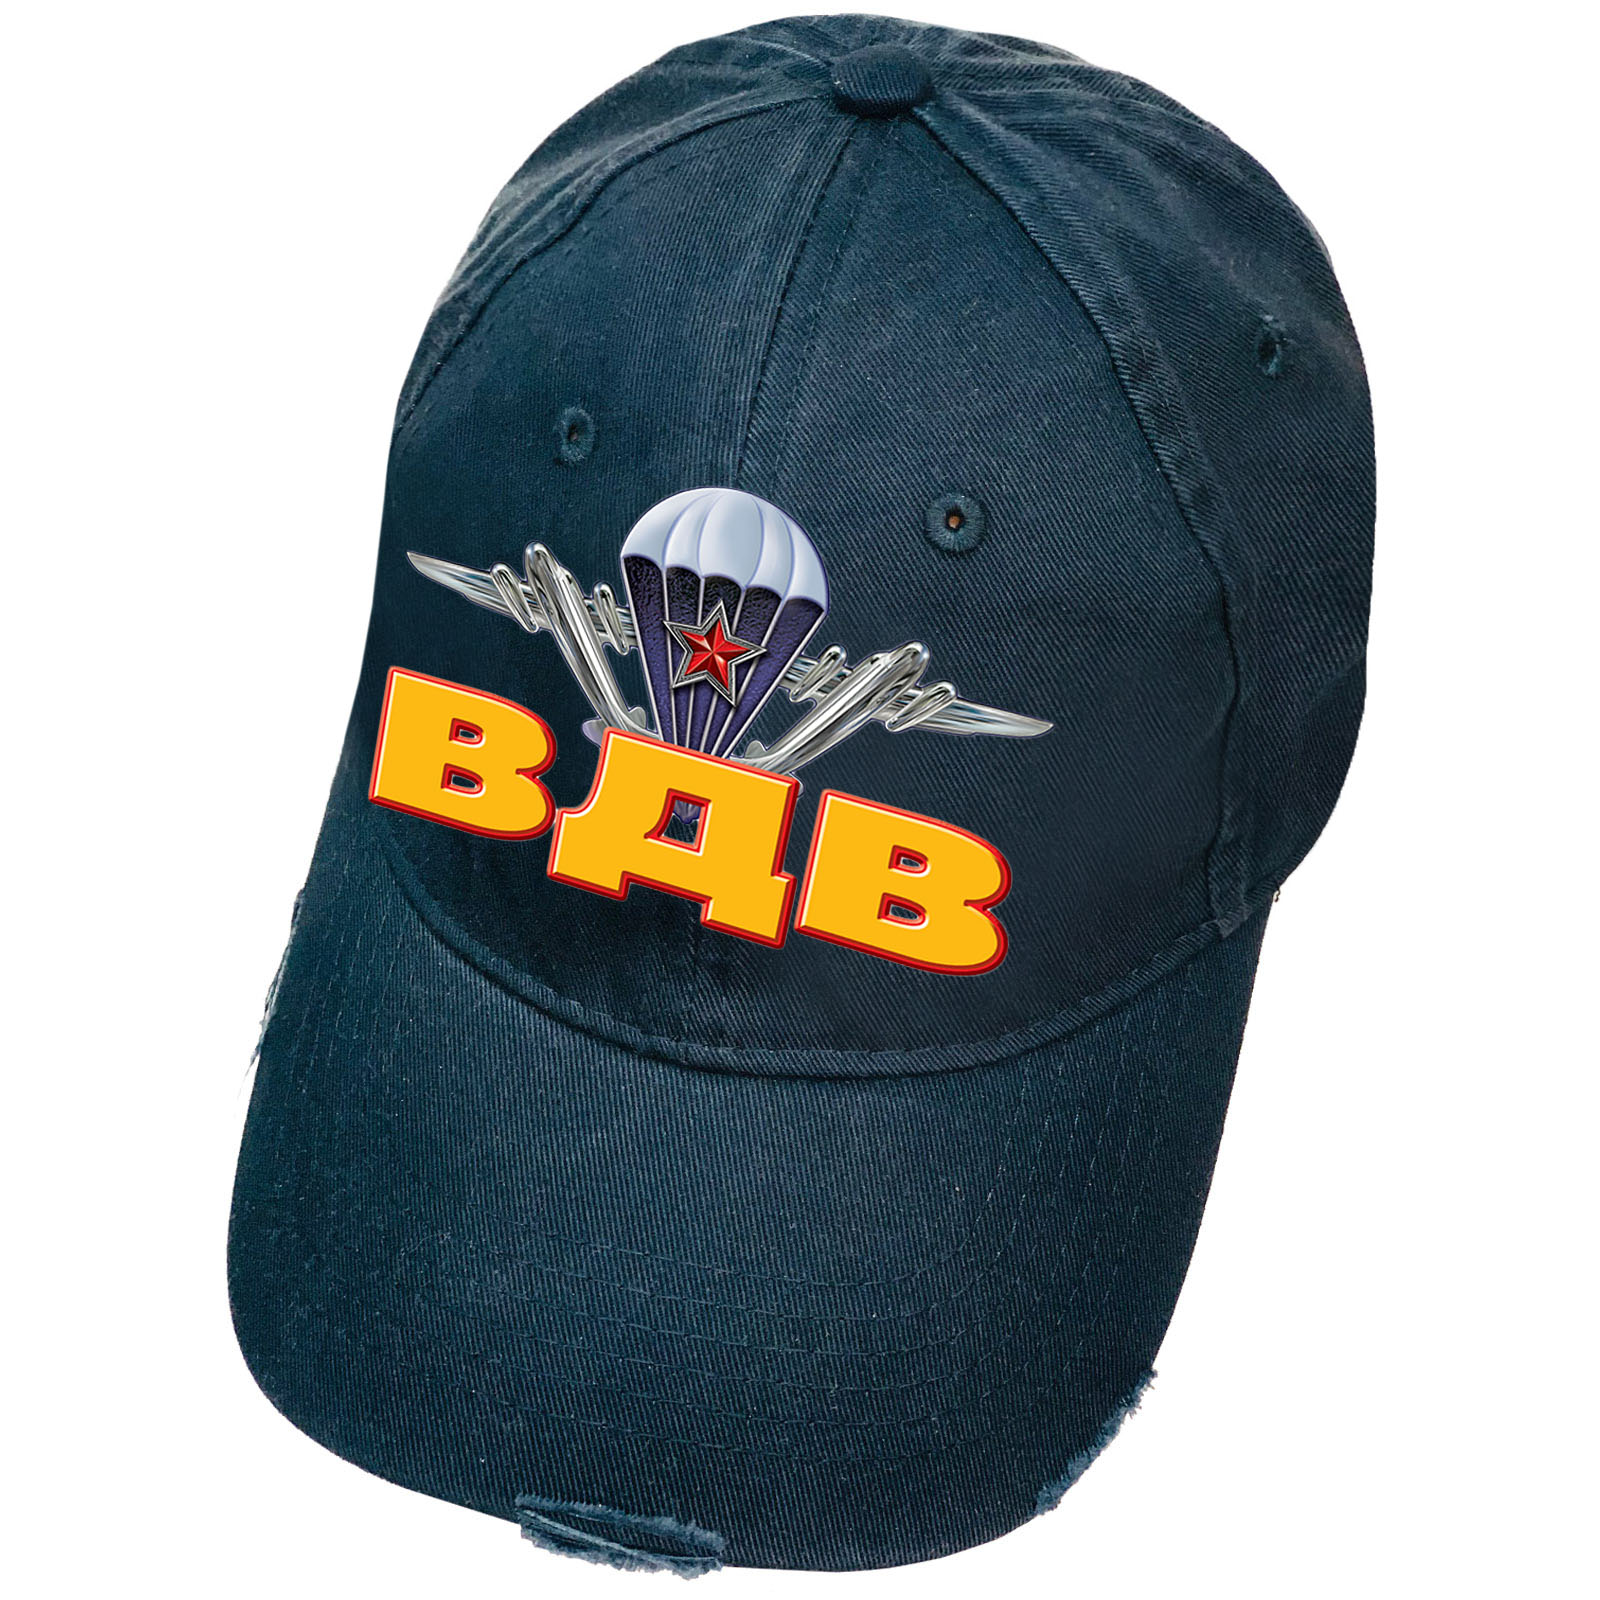 Тёмно-синяя кепка с термопринтом ВДВ и рваным козырьком